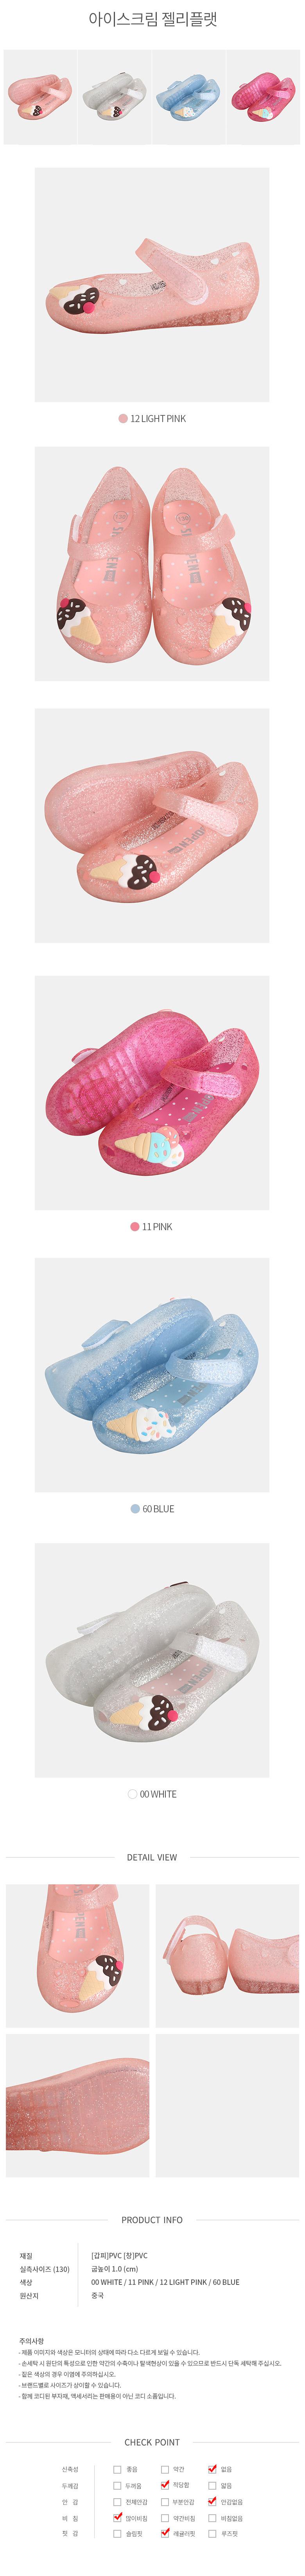 슈펜(SHOOPEN) 아이스크림 젤리 플랫 VKDJ19S04